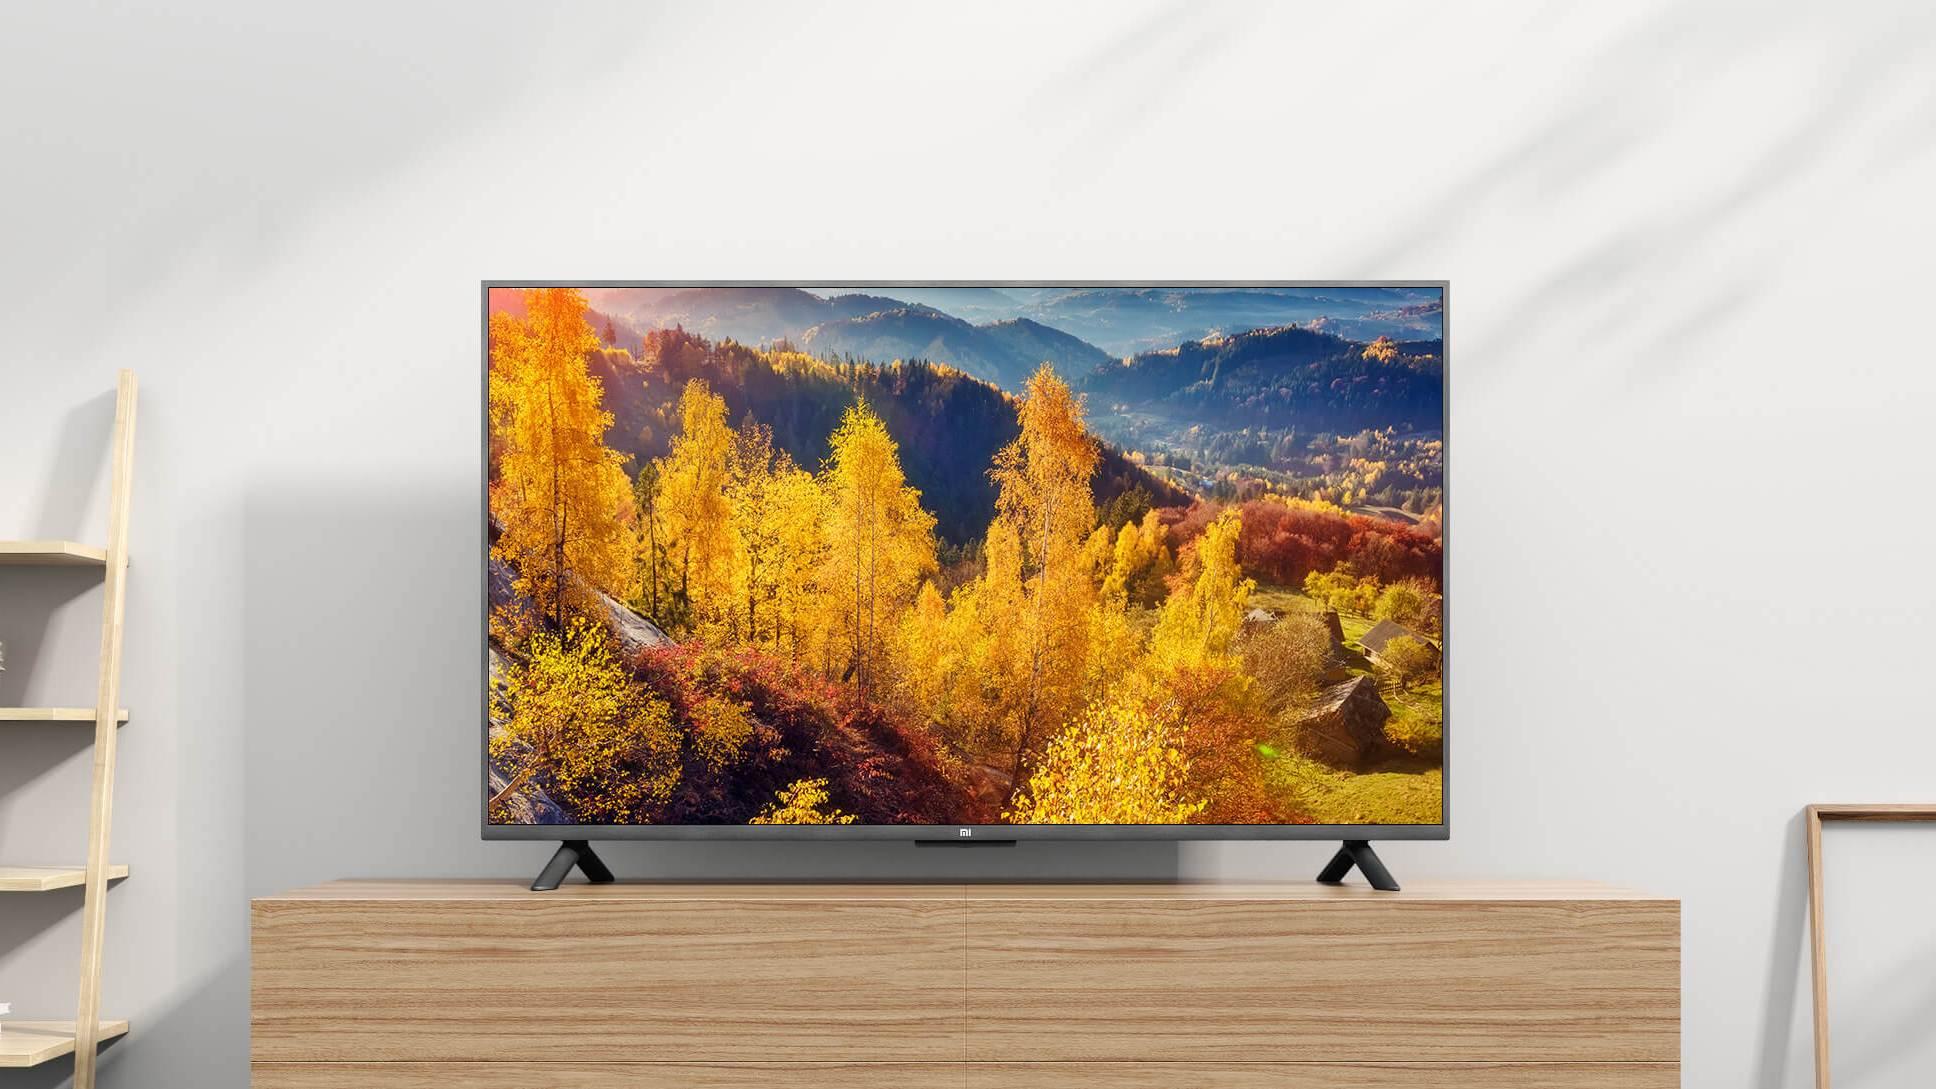 Xiaomi Mi TV 4S 4K